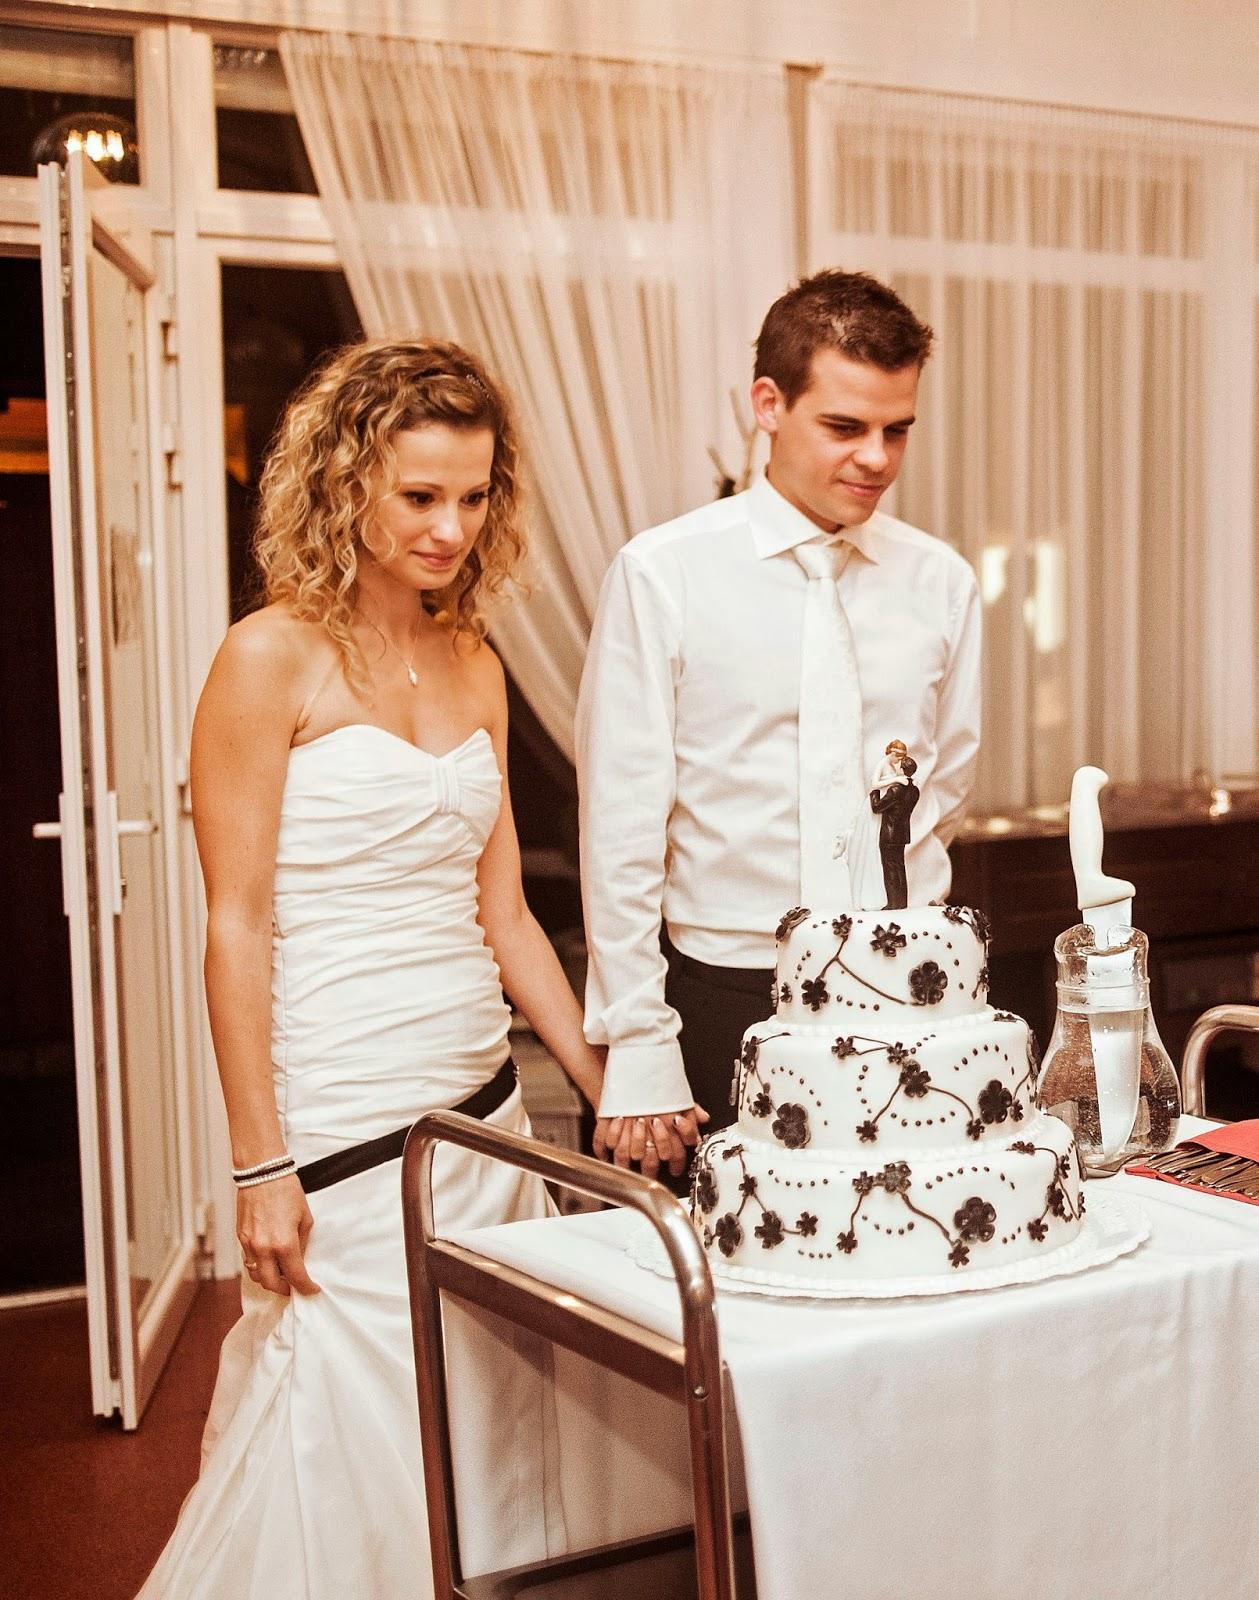 esküvői torta nászpár Adélka és Zozó: Torta és nászpár esküvői torta nászpár